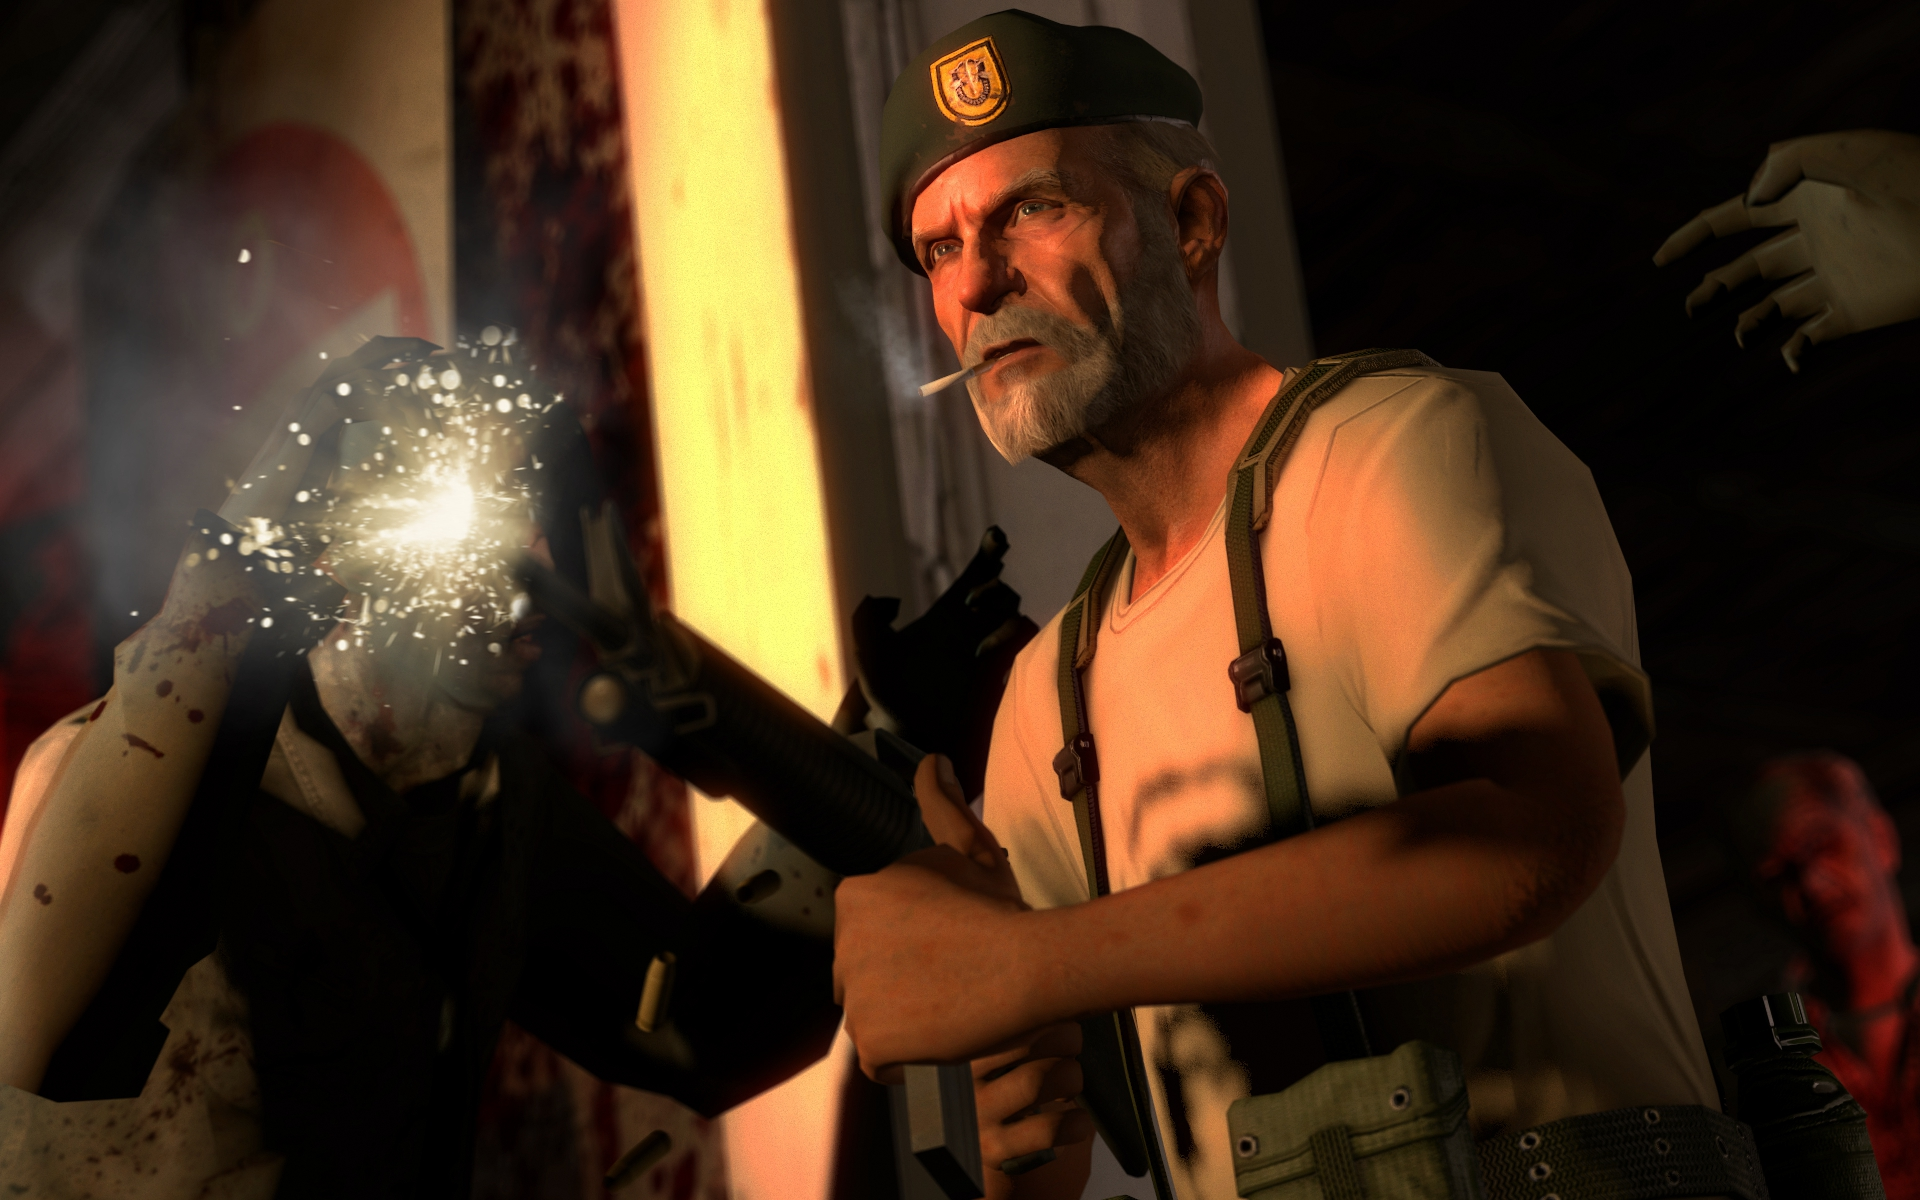 Bill american badass by sentrywatch-d4sy864.jpg